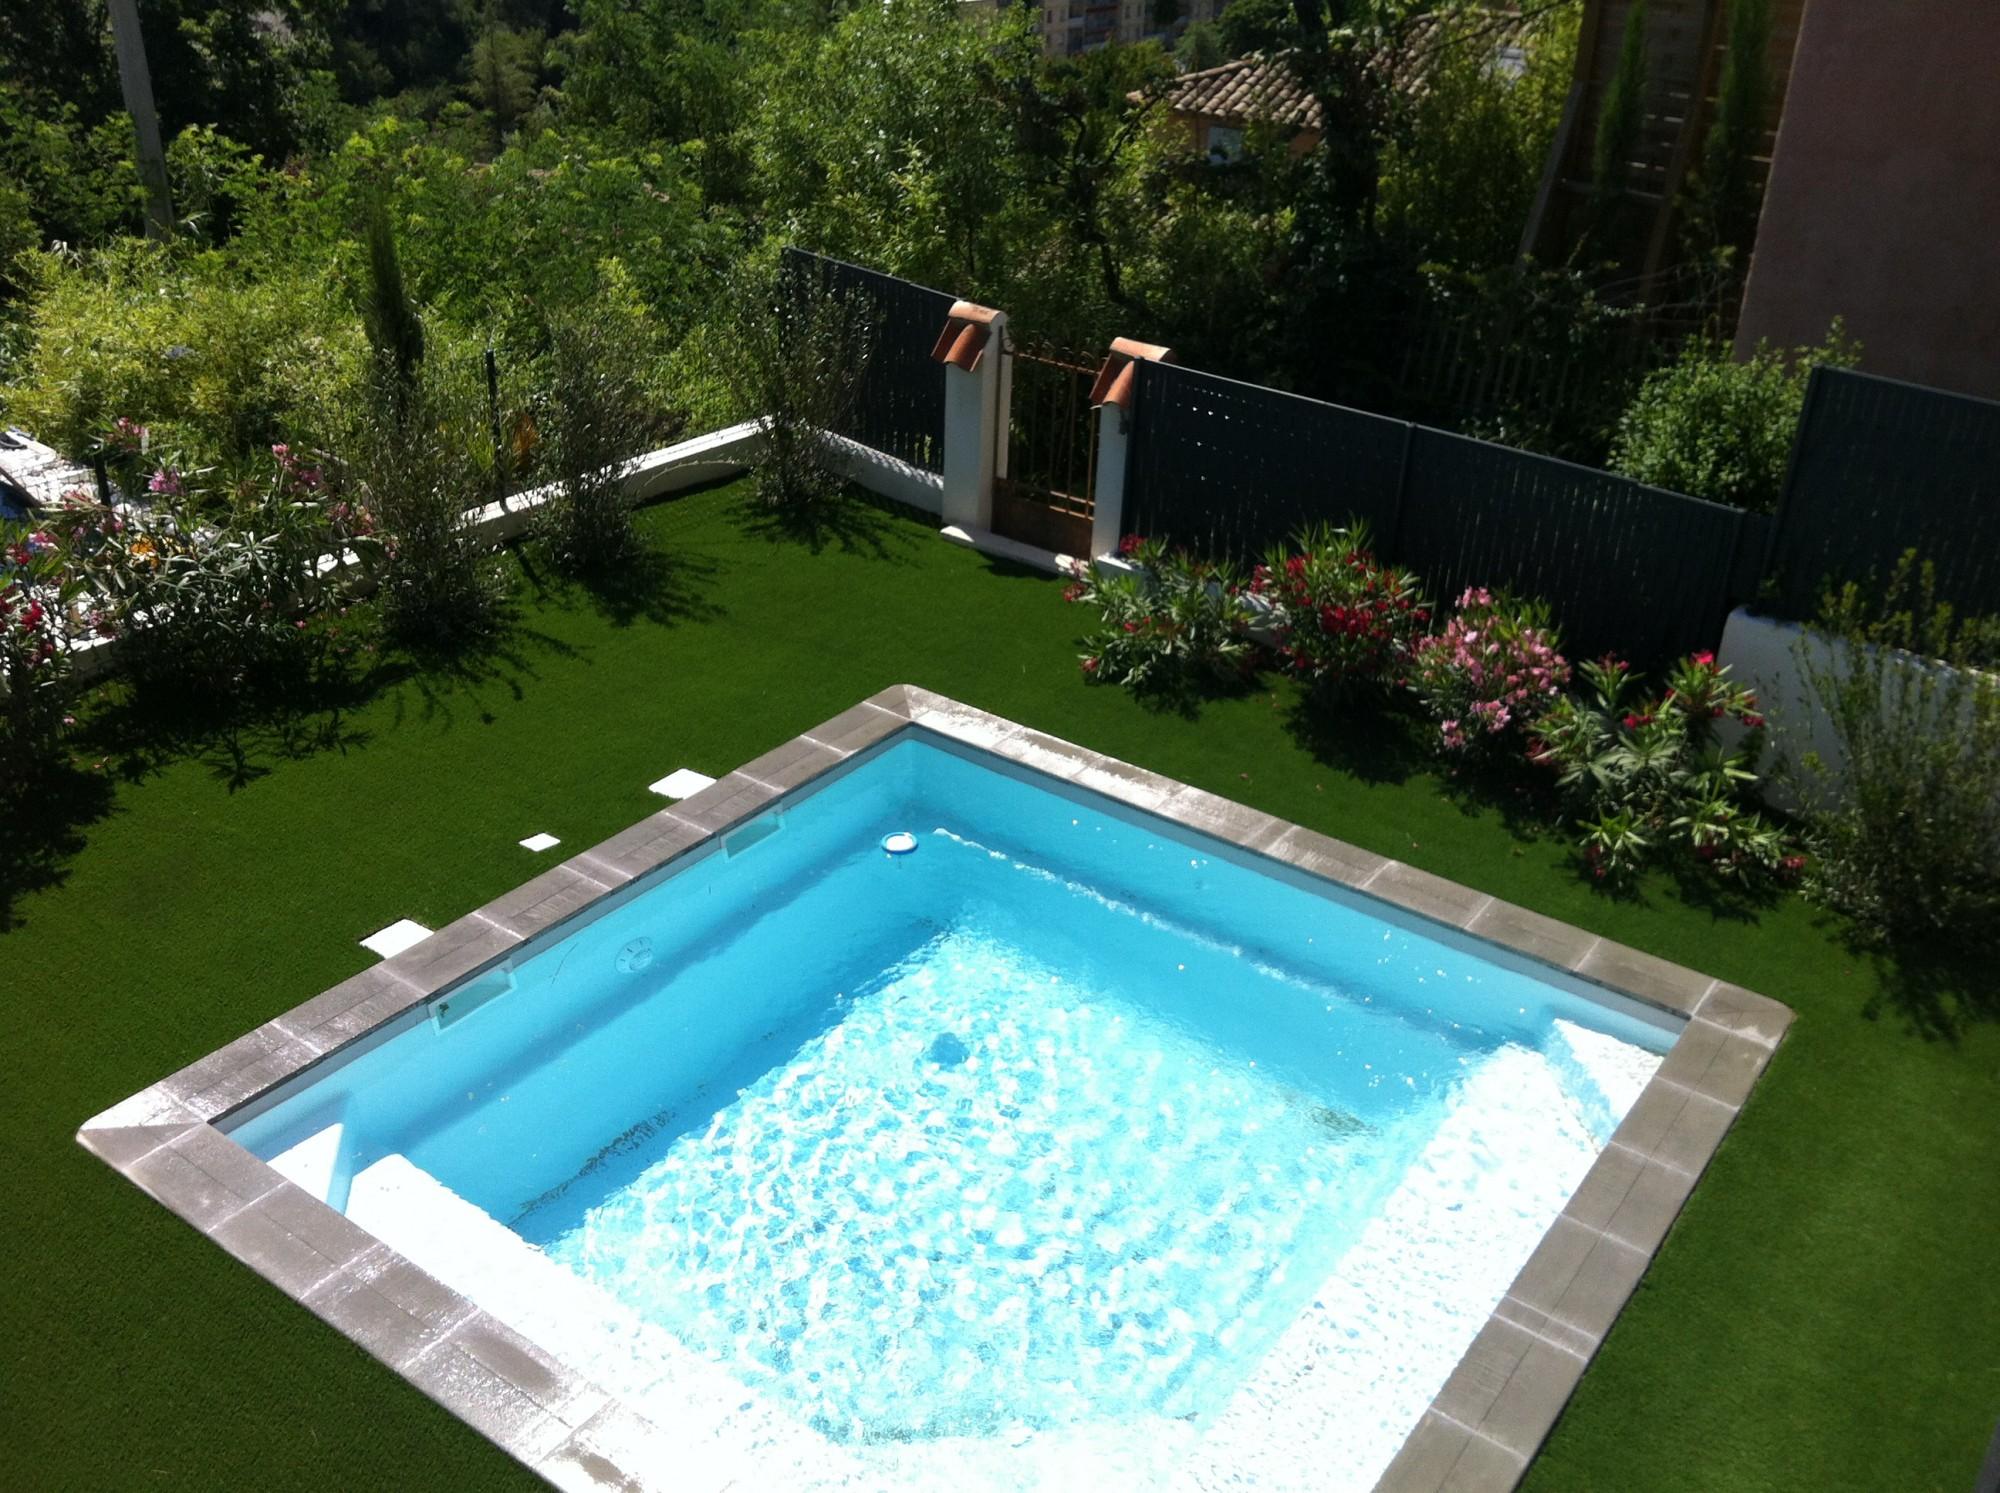 Le gazon synthetique le moins cher la pose gazon synth tique gazon et pelouse - Le site le moins cher ...